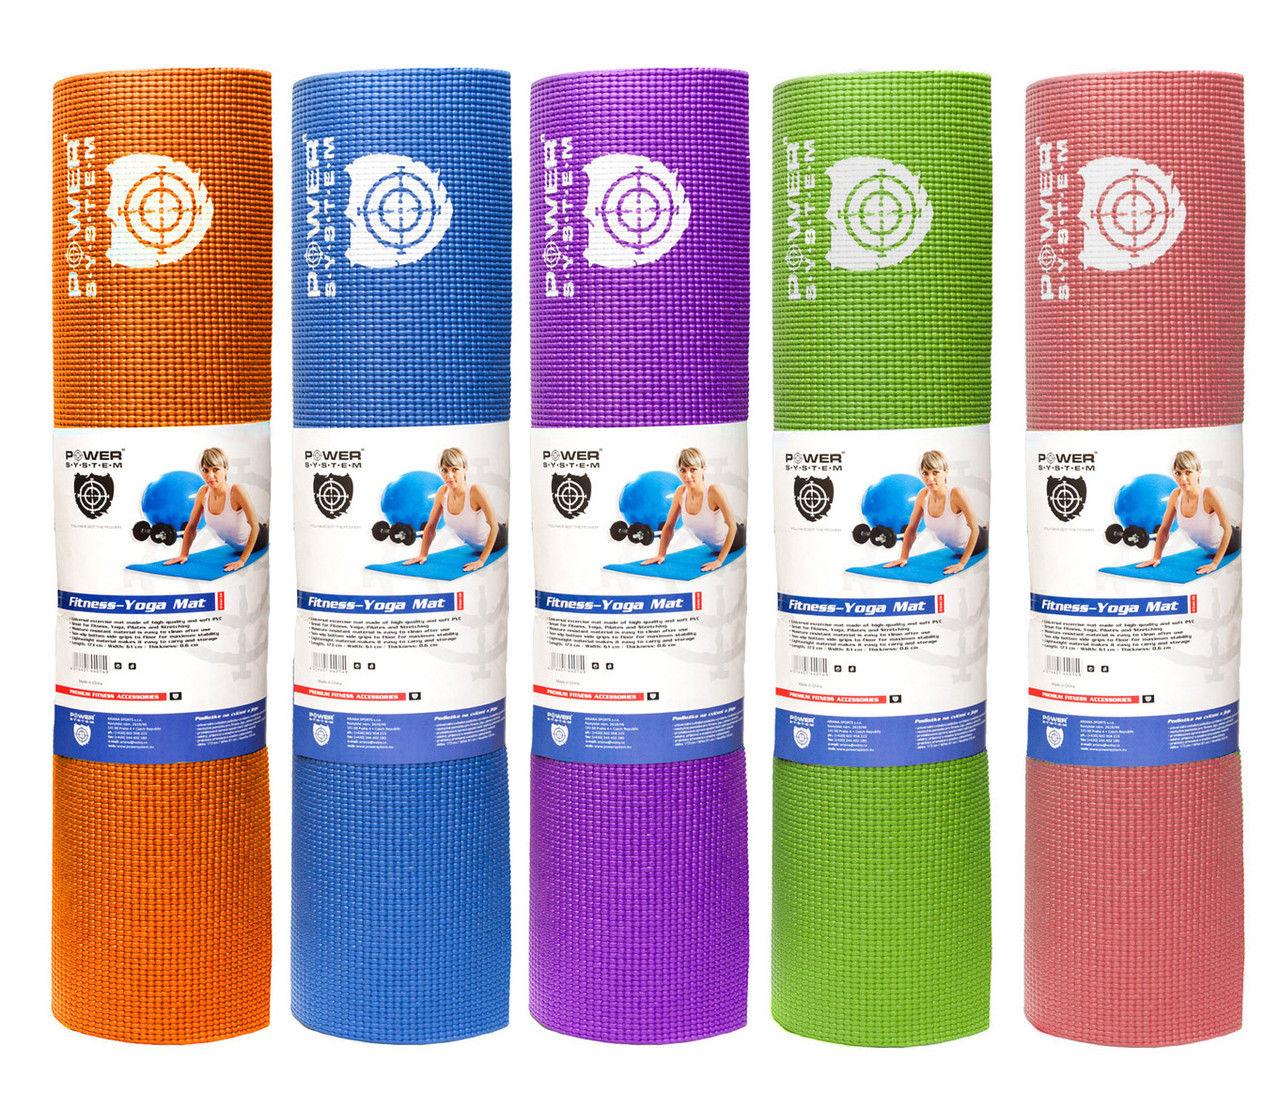 Коврик для йоги POWER SYSTEM PS - 4014 FITNESS-YOGA MAT фото видео изображение